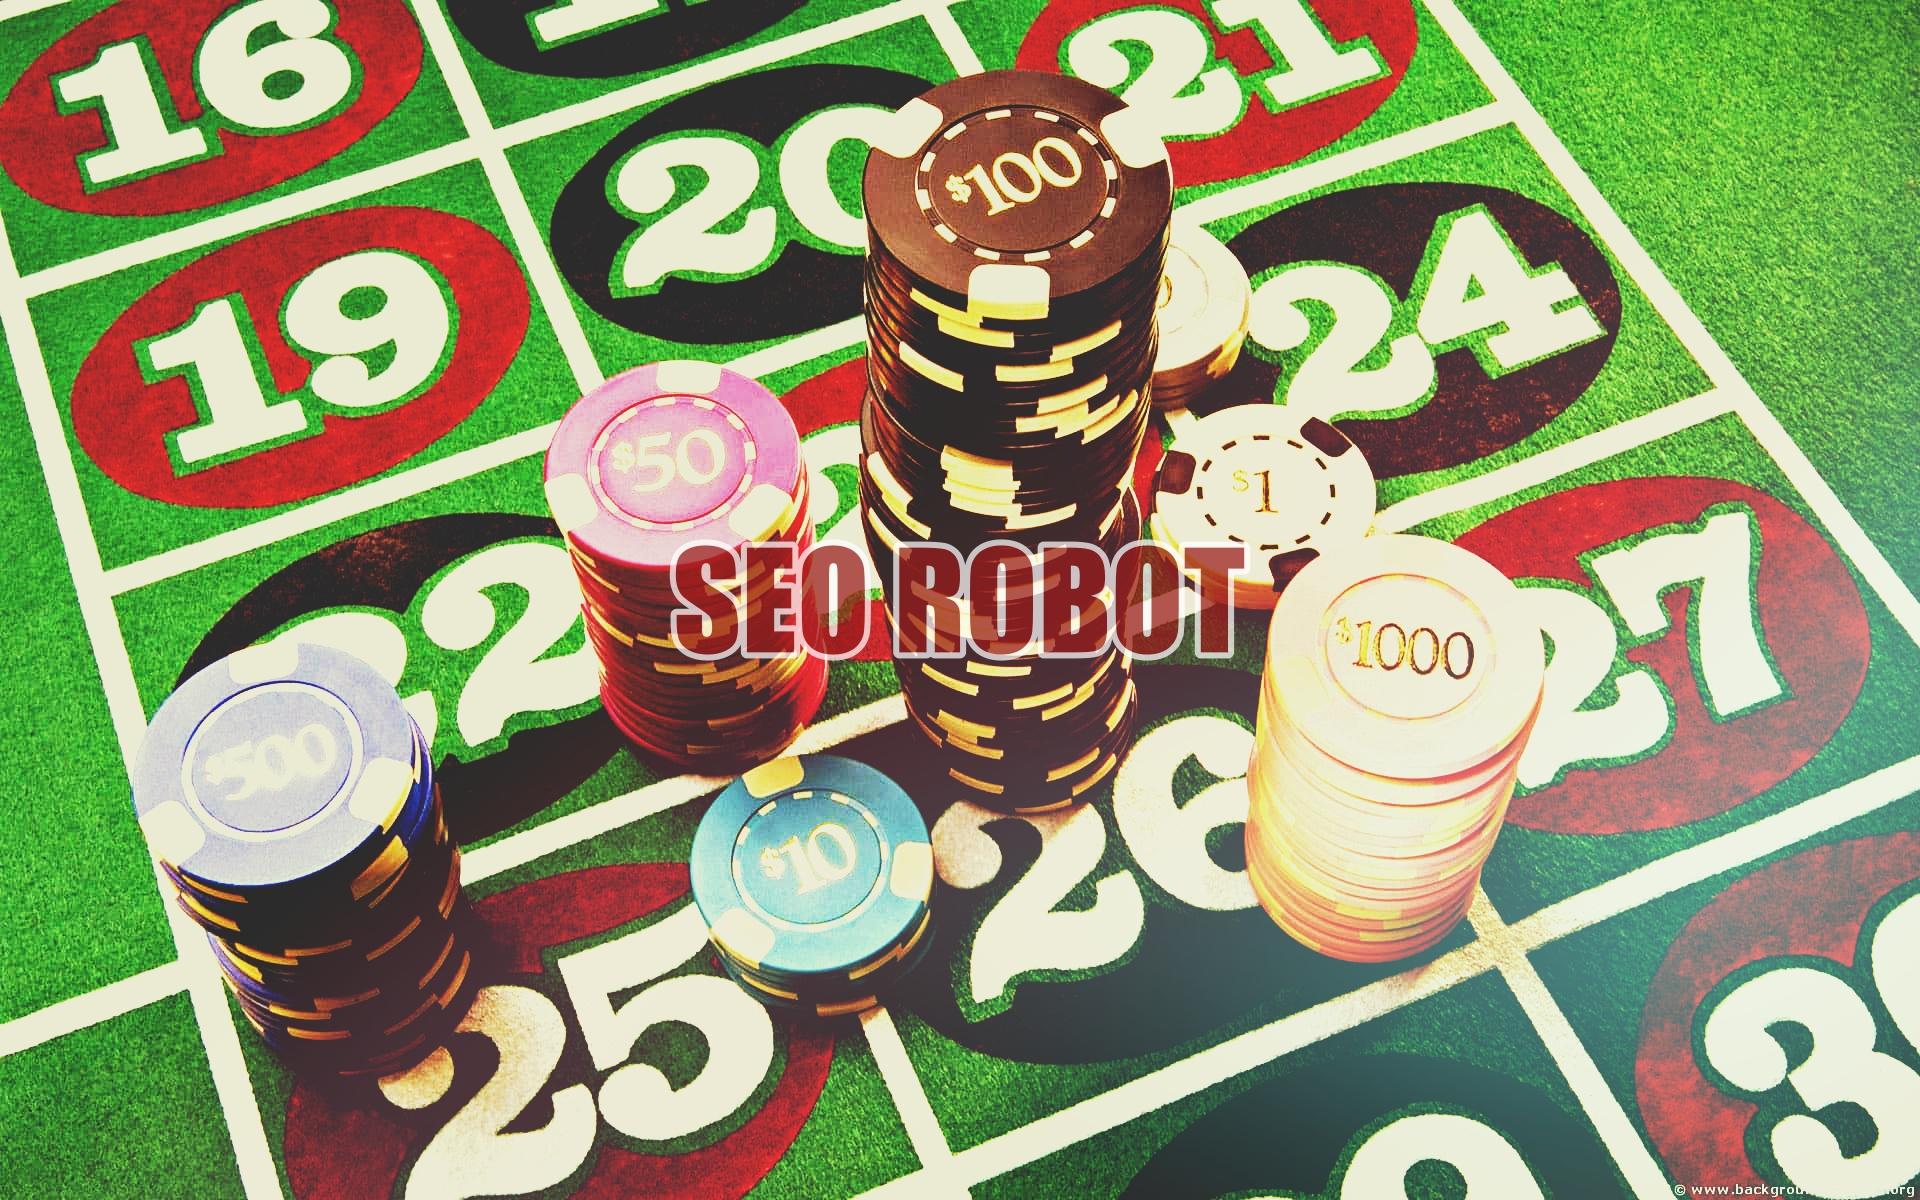 Masih Bingung Cara Dapatkan Situs Casino Online Terpercaya? Berikut Tips Mudah yang Bisa Dilakukan!